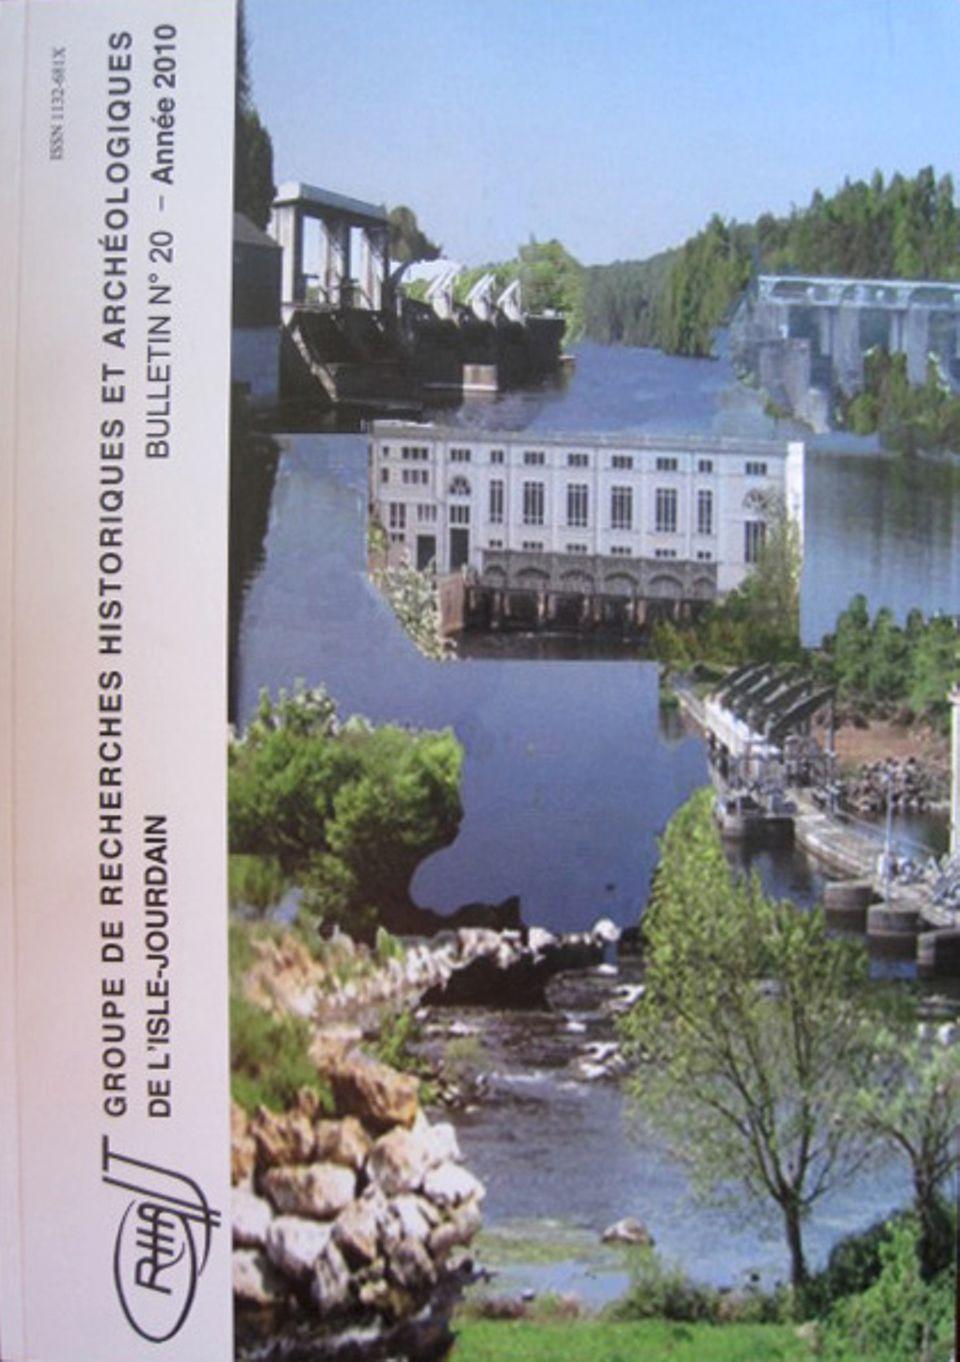 Bulletin du GRHAIJ, Bulletin n°20 - 2010,